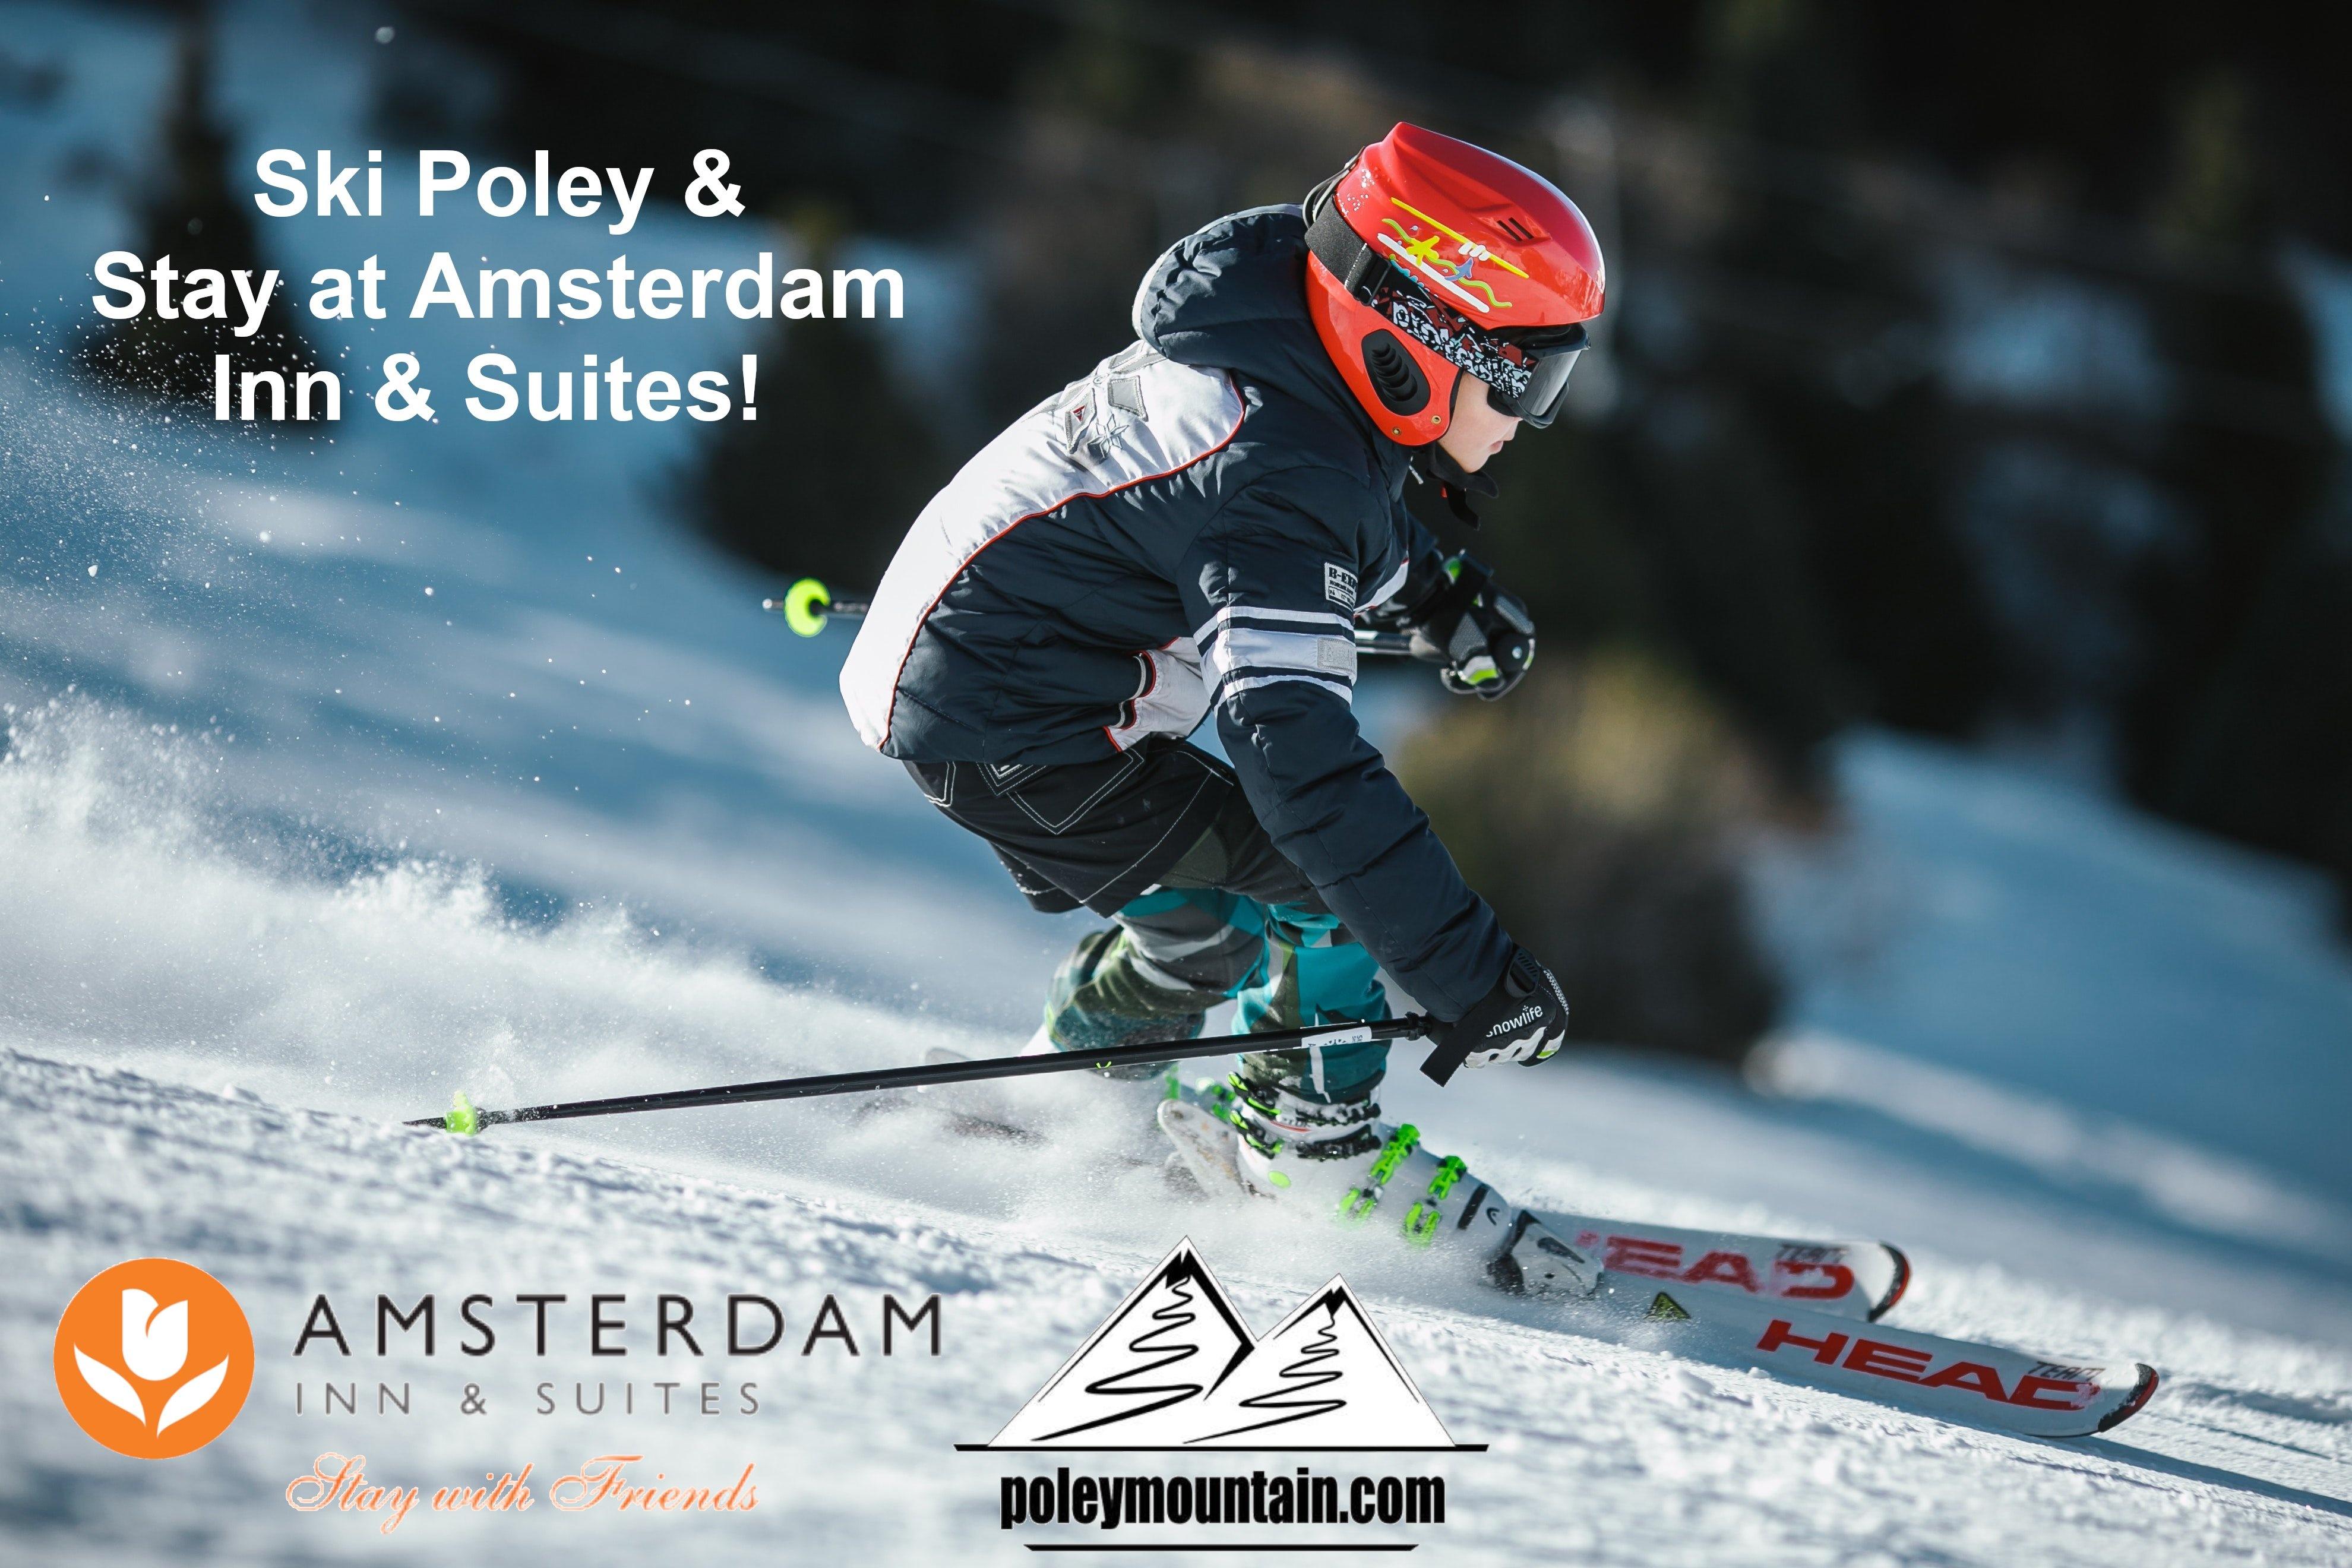 Ski Poley